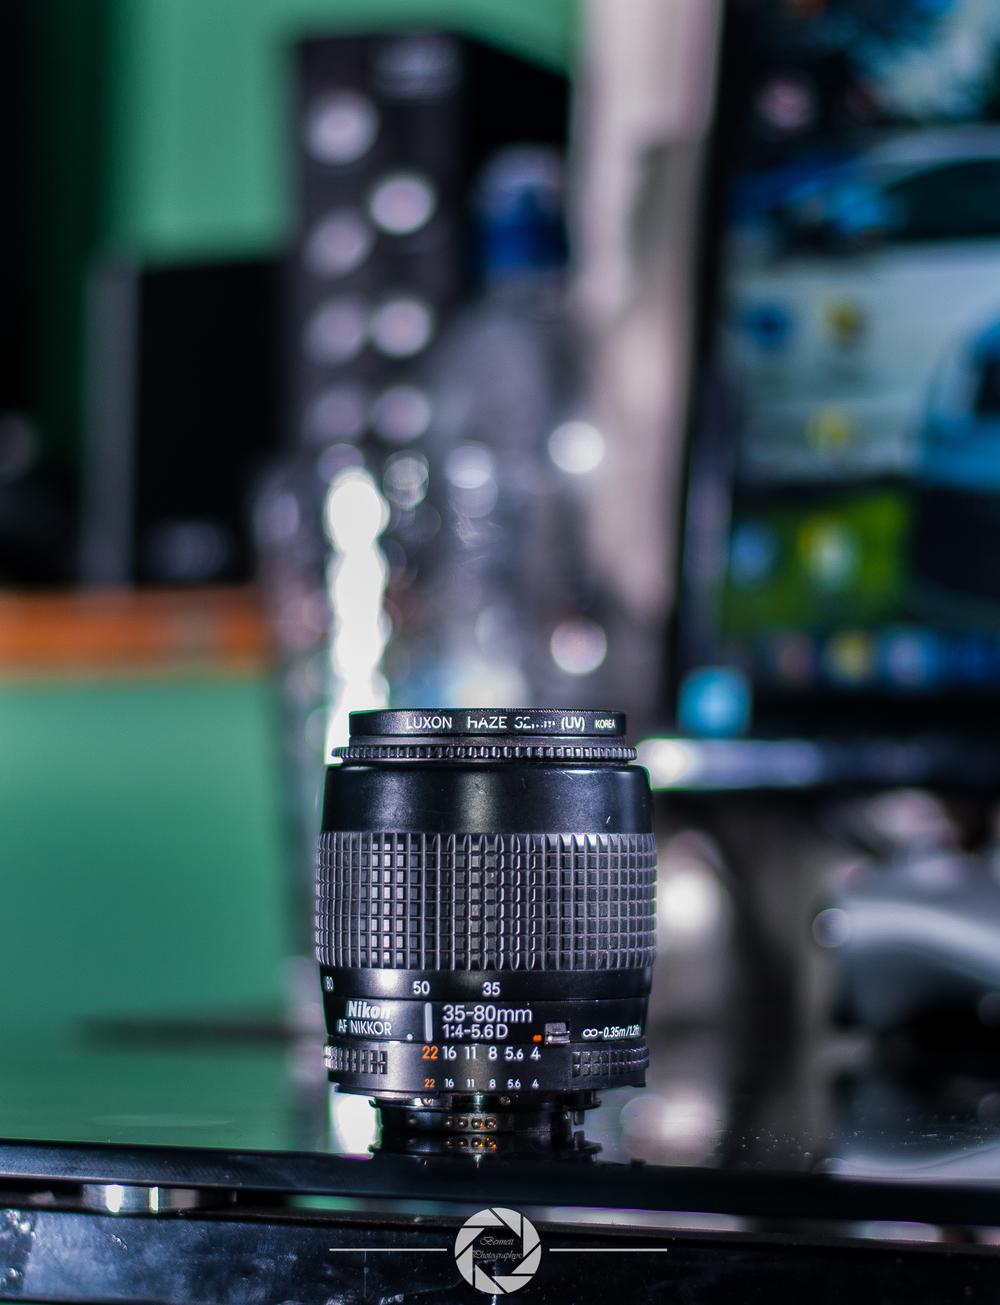 35-80mm Kit lens